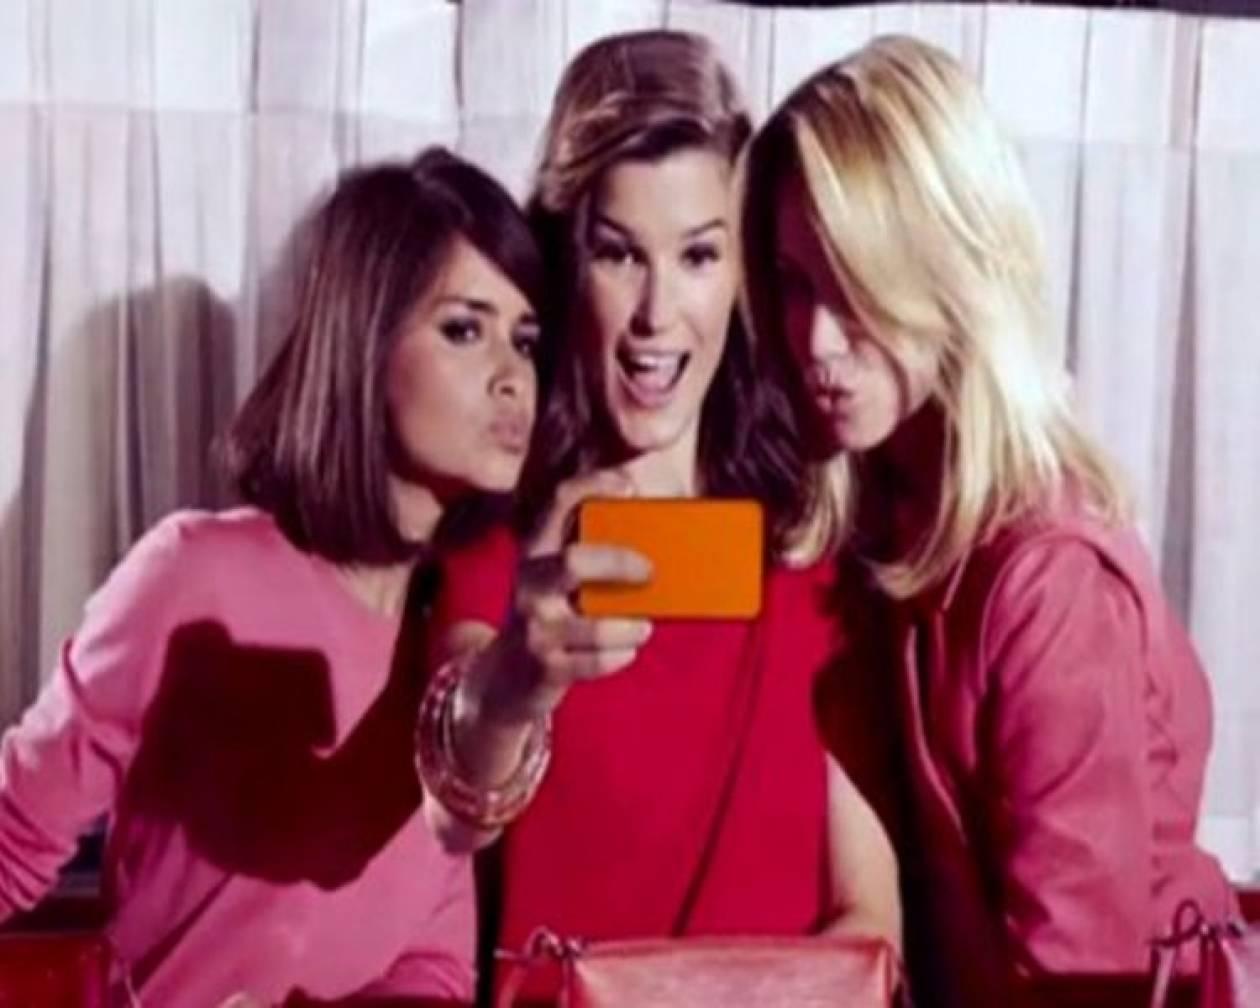 3 Καλλονές ποζάρουν για τις mini bags του Louis Vuitton (video)